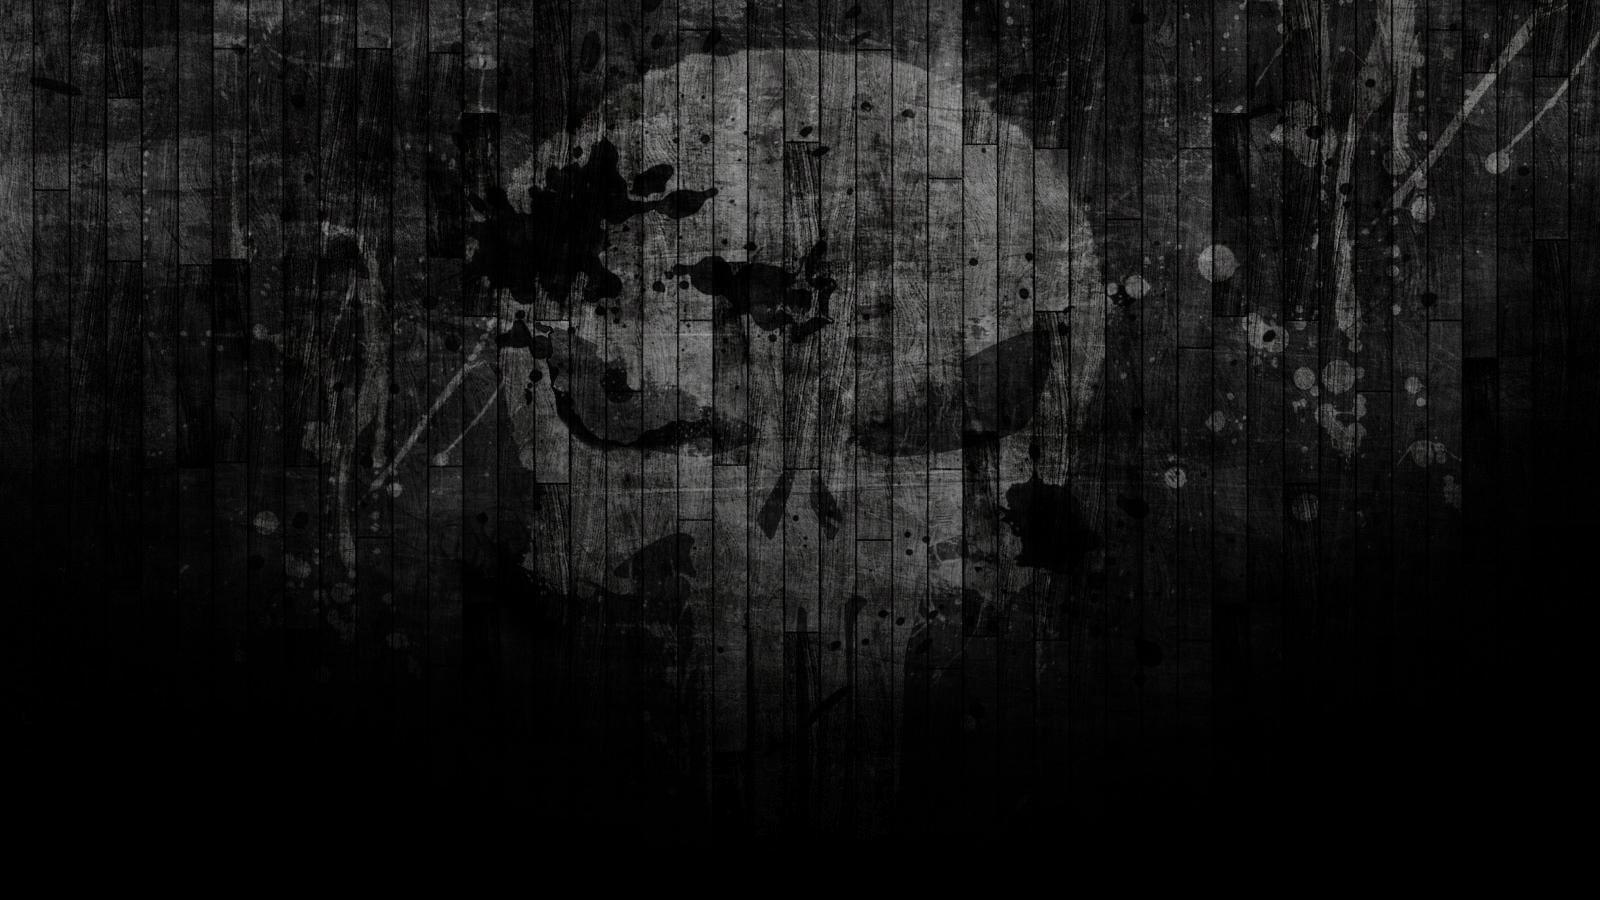 httpsquiddytrondeviantartcomartThe Punisher Wallpaper 349257354 1600x900